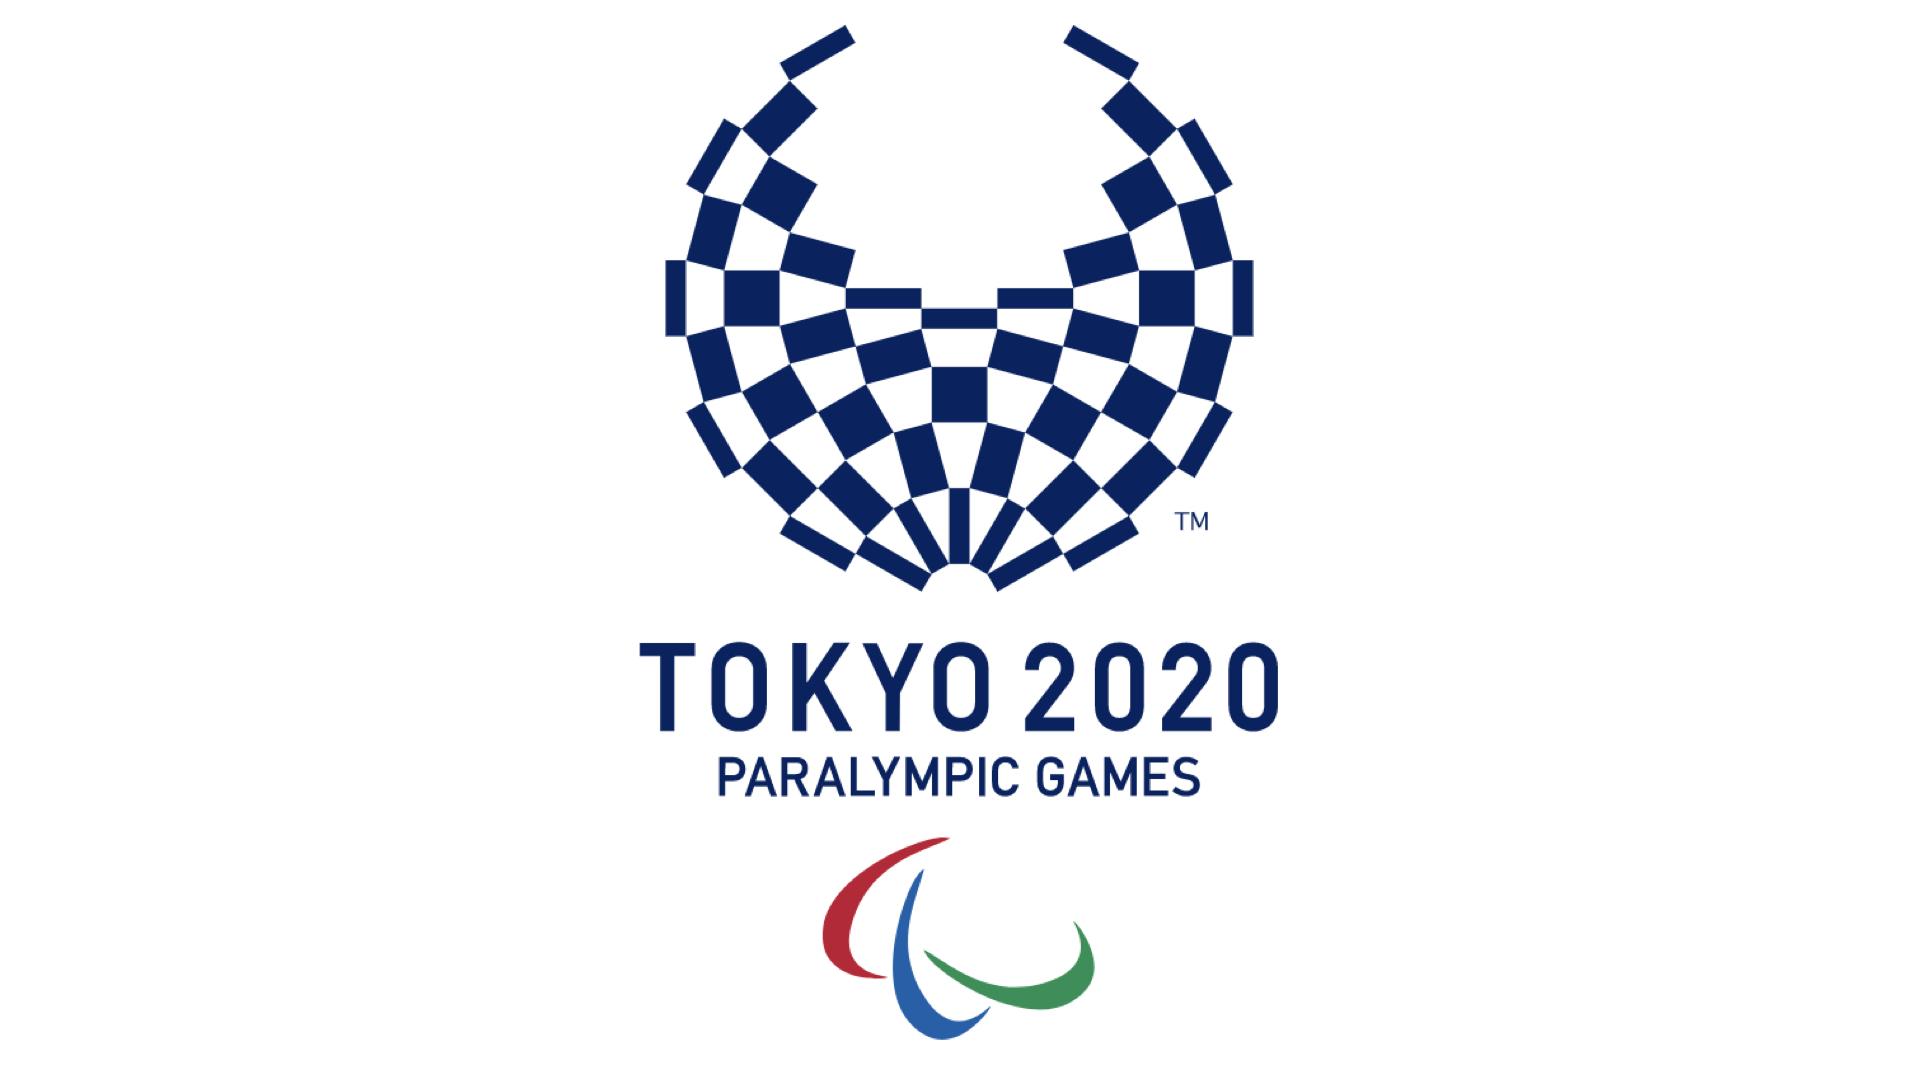 Tokyo 2020, le Paralimpiadi in esclusiva Rai